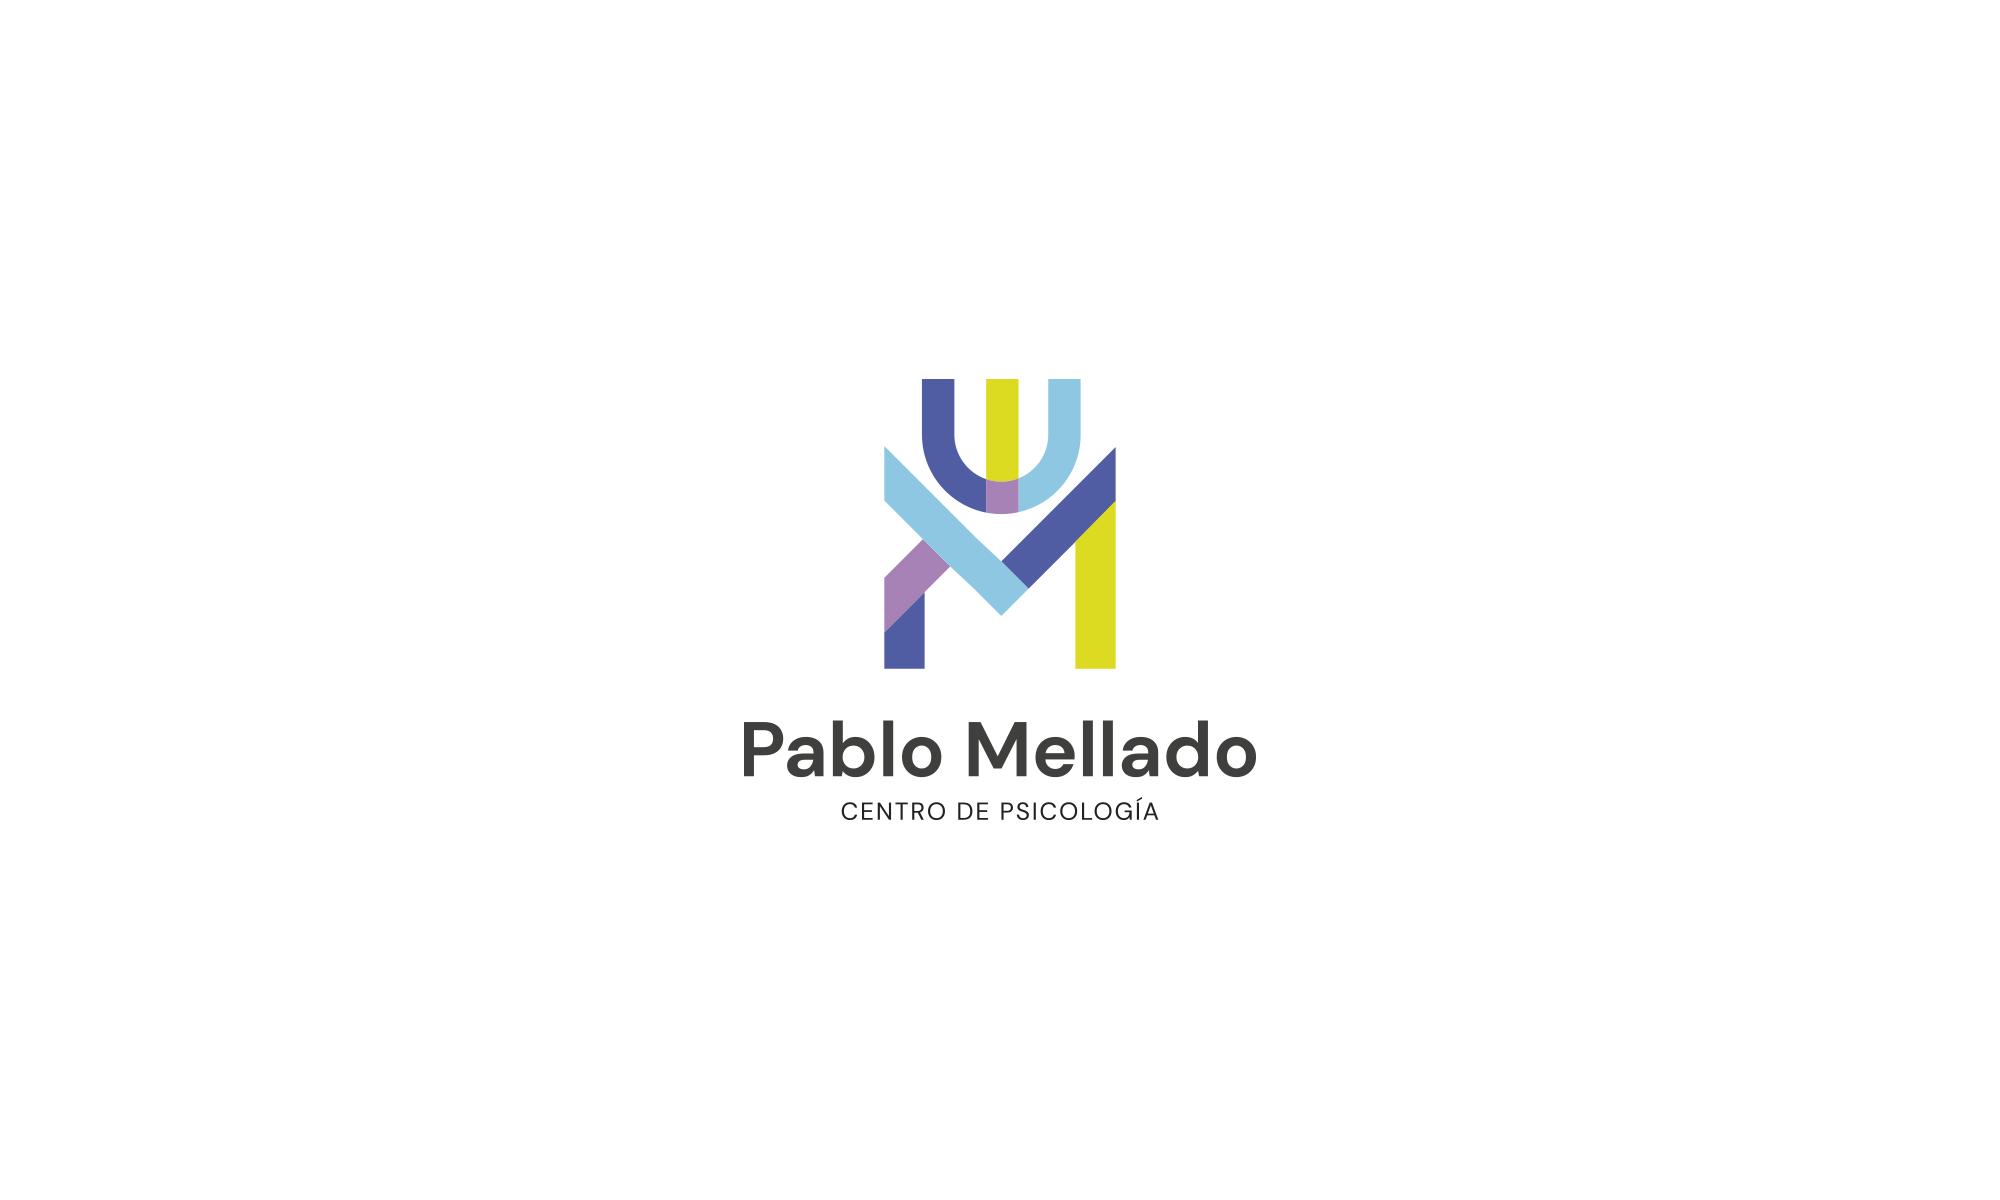 Pablo Mellado 3 - Fama Publicidad